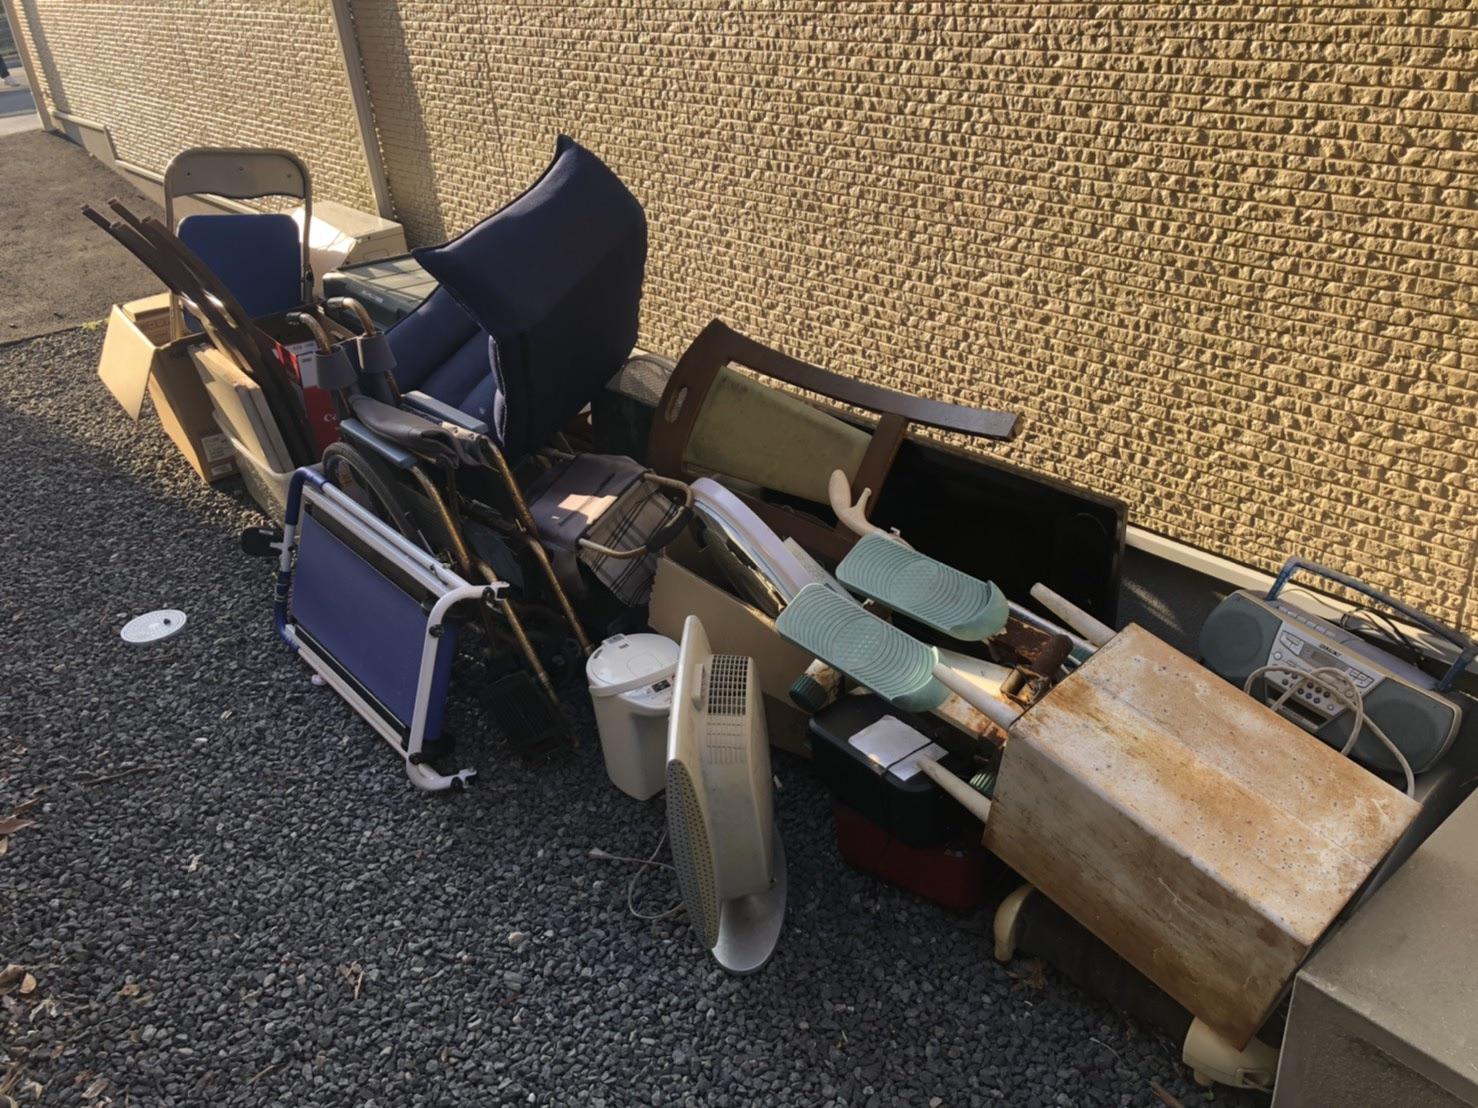 椅子、ラジカセ、その他不用品の回収前